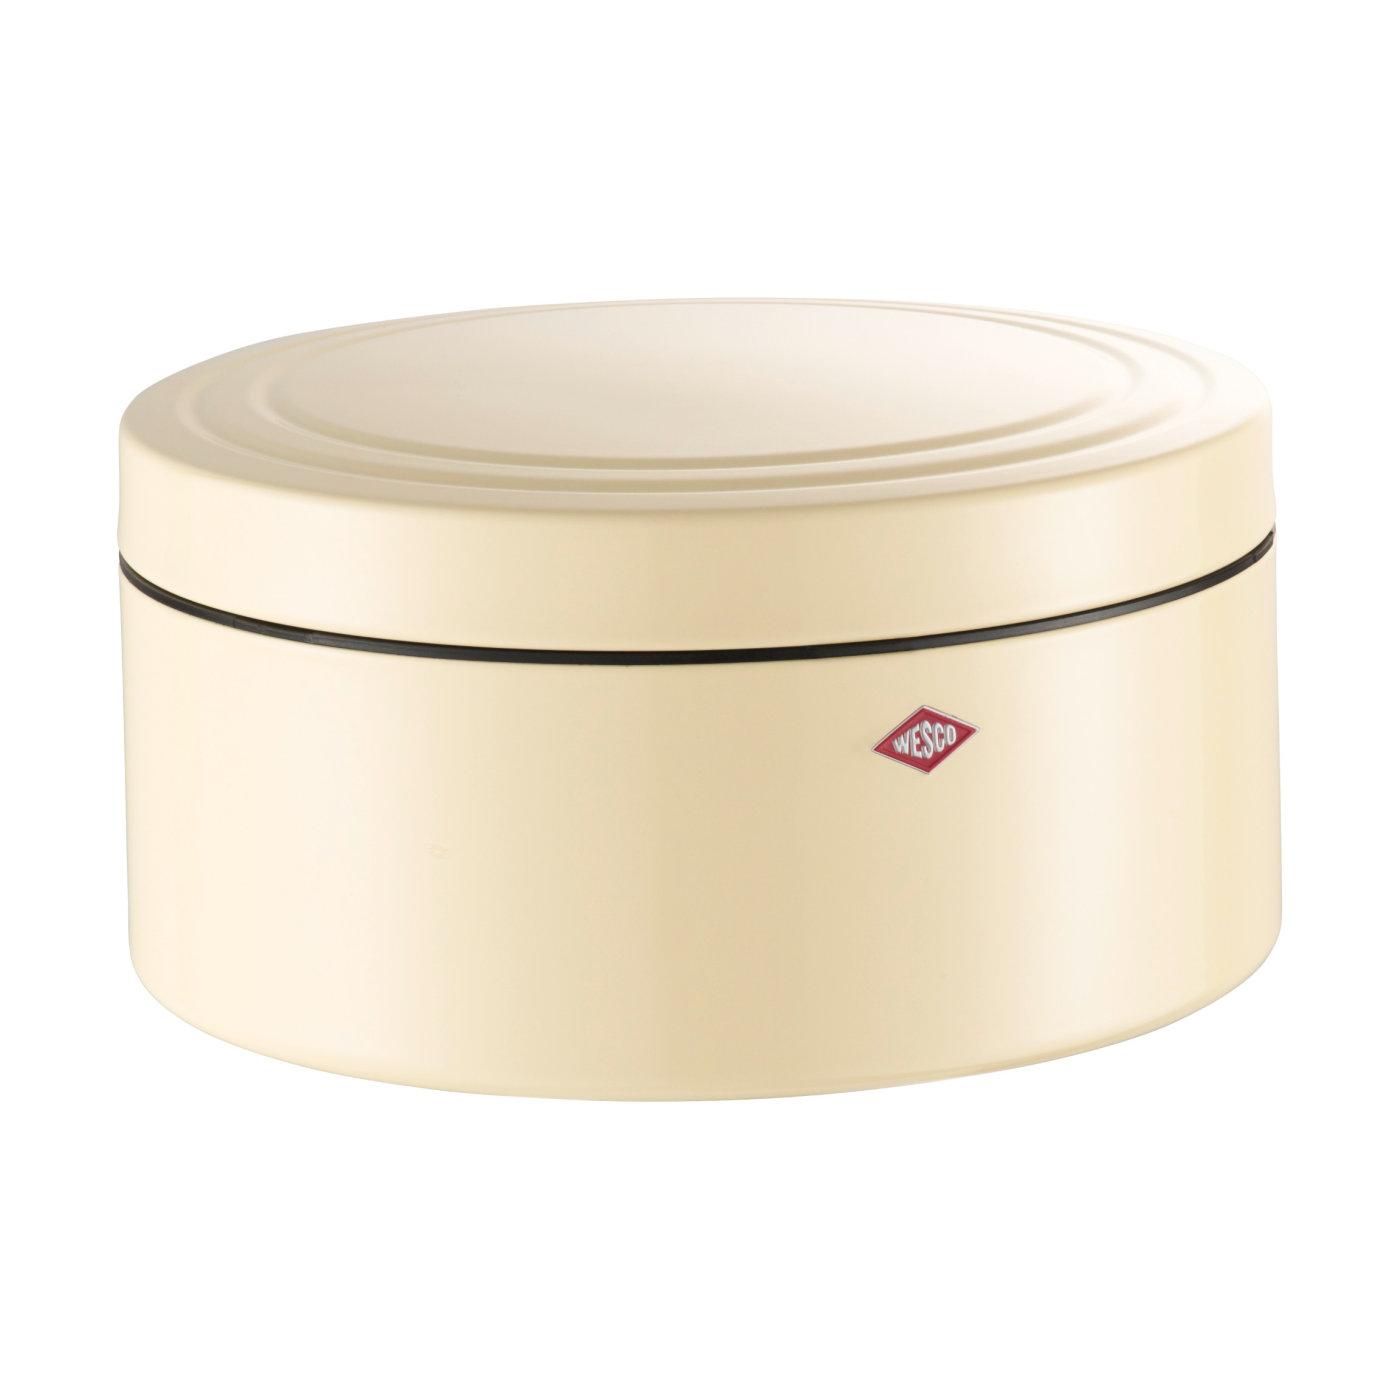 Dóza na sušenky 4 l, mandlová, Classic line - Wesco